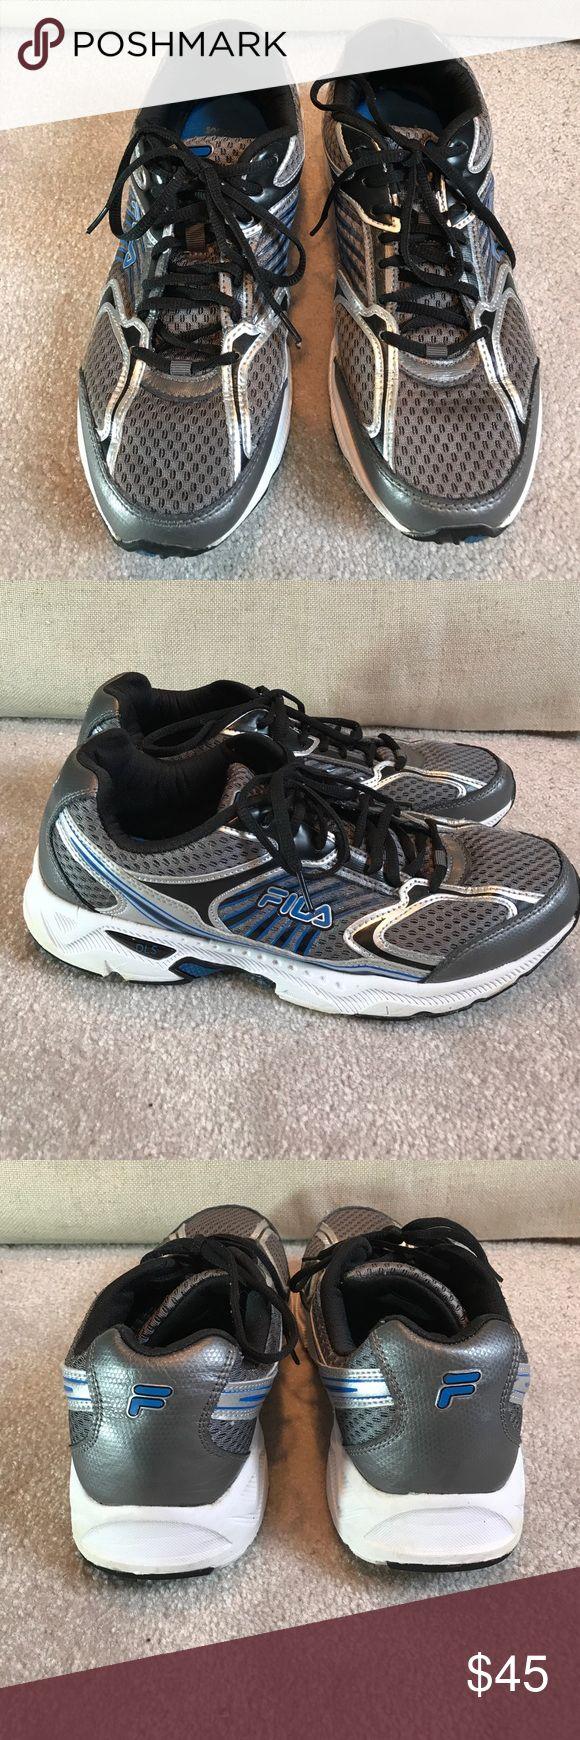 Men's Fila coolmax memory foam sneakers 11 Like new uppers. Barely worn soles. Fila Shoes Sneakers